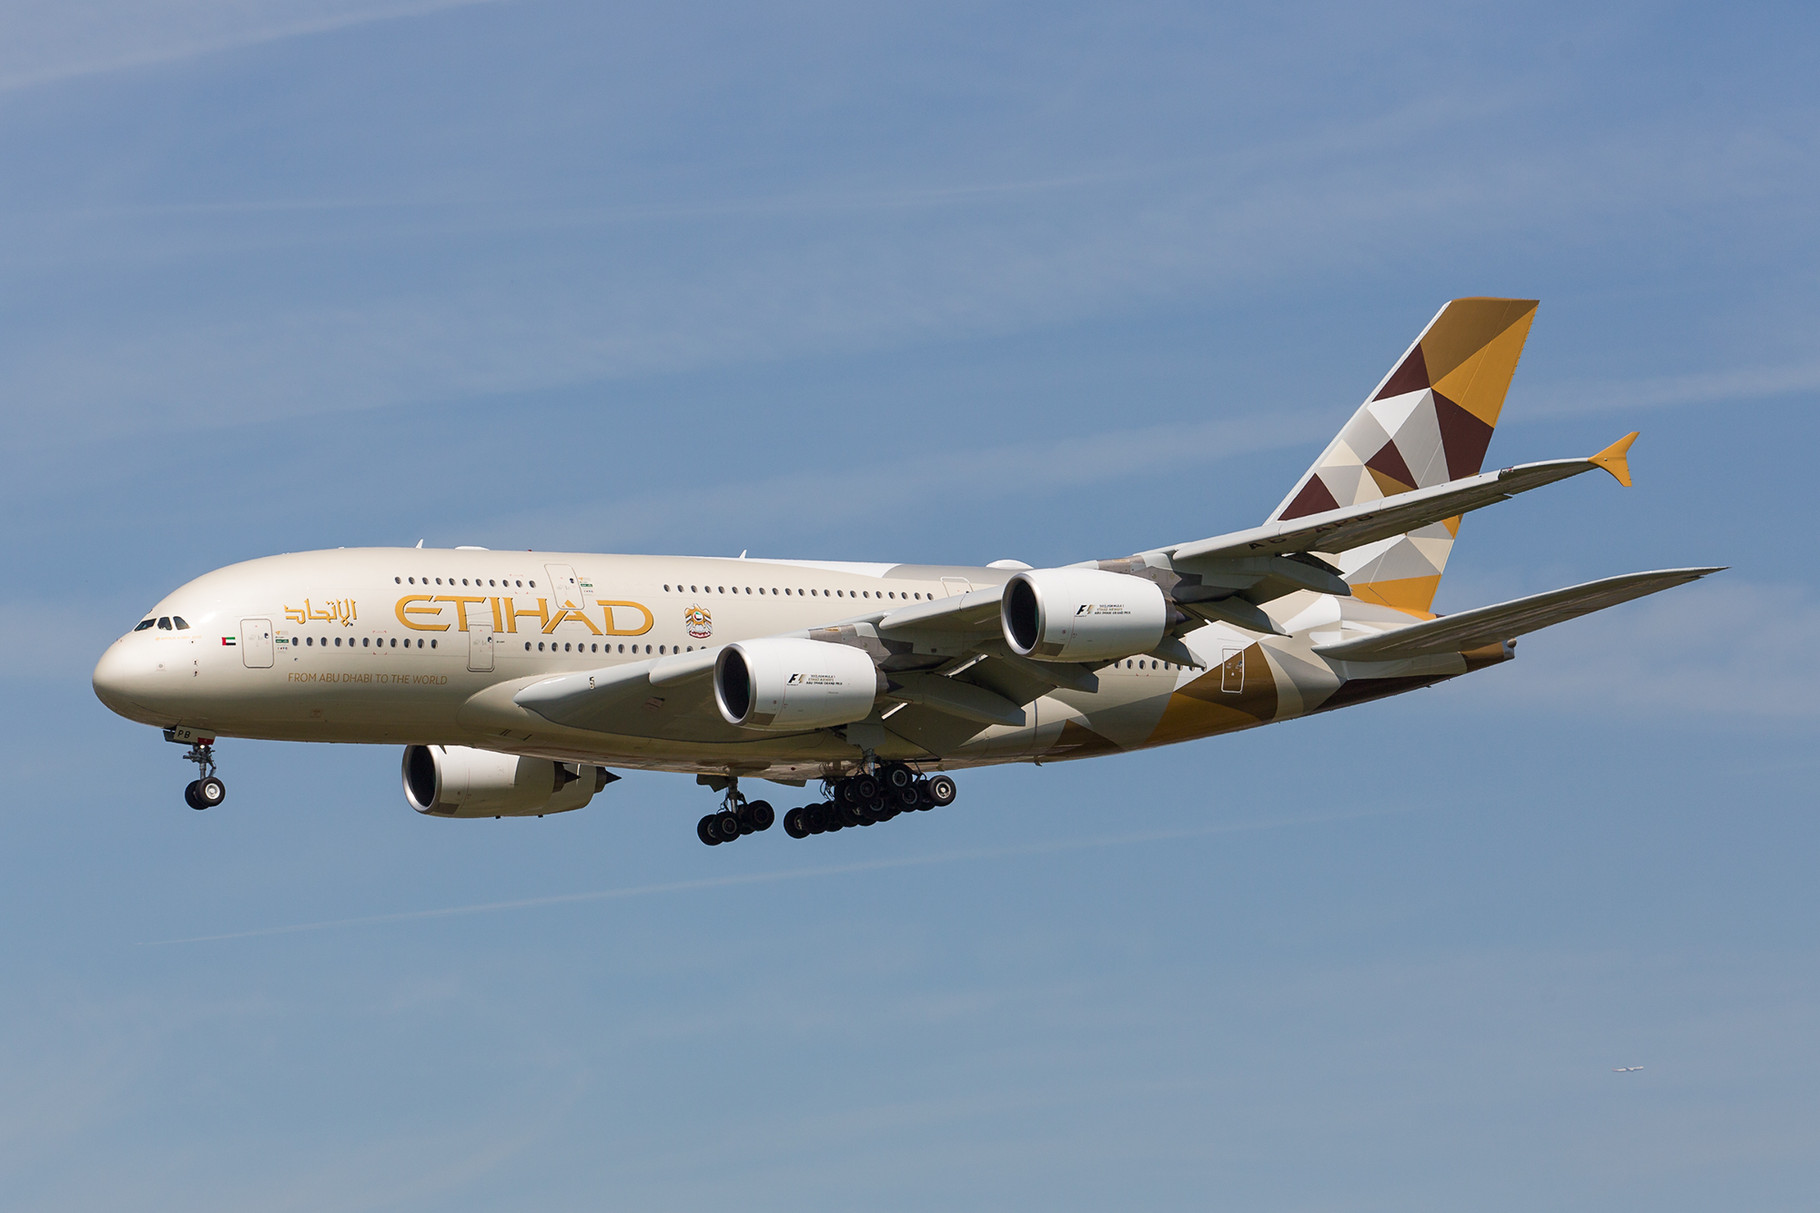 Zwei Mal täglich kommt Ethiad mit der A 380 aus Abu Dhabi.